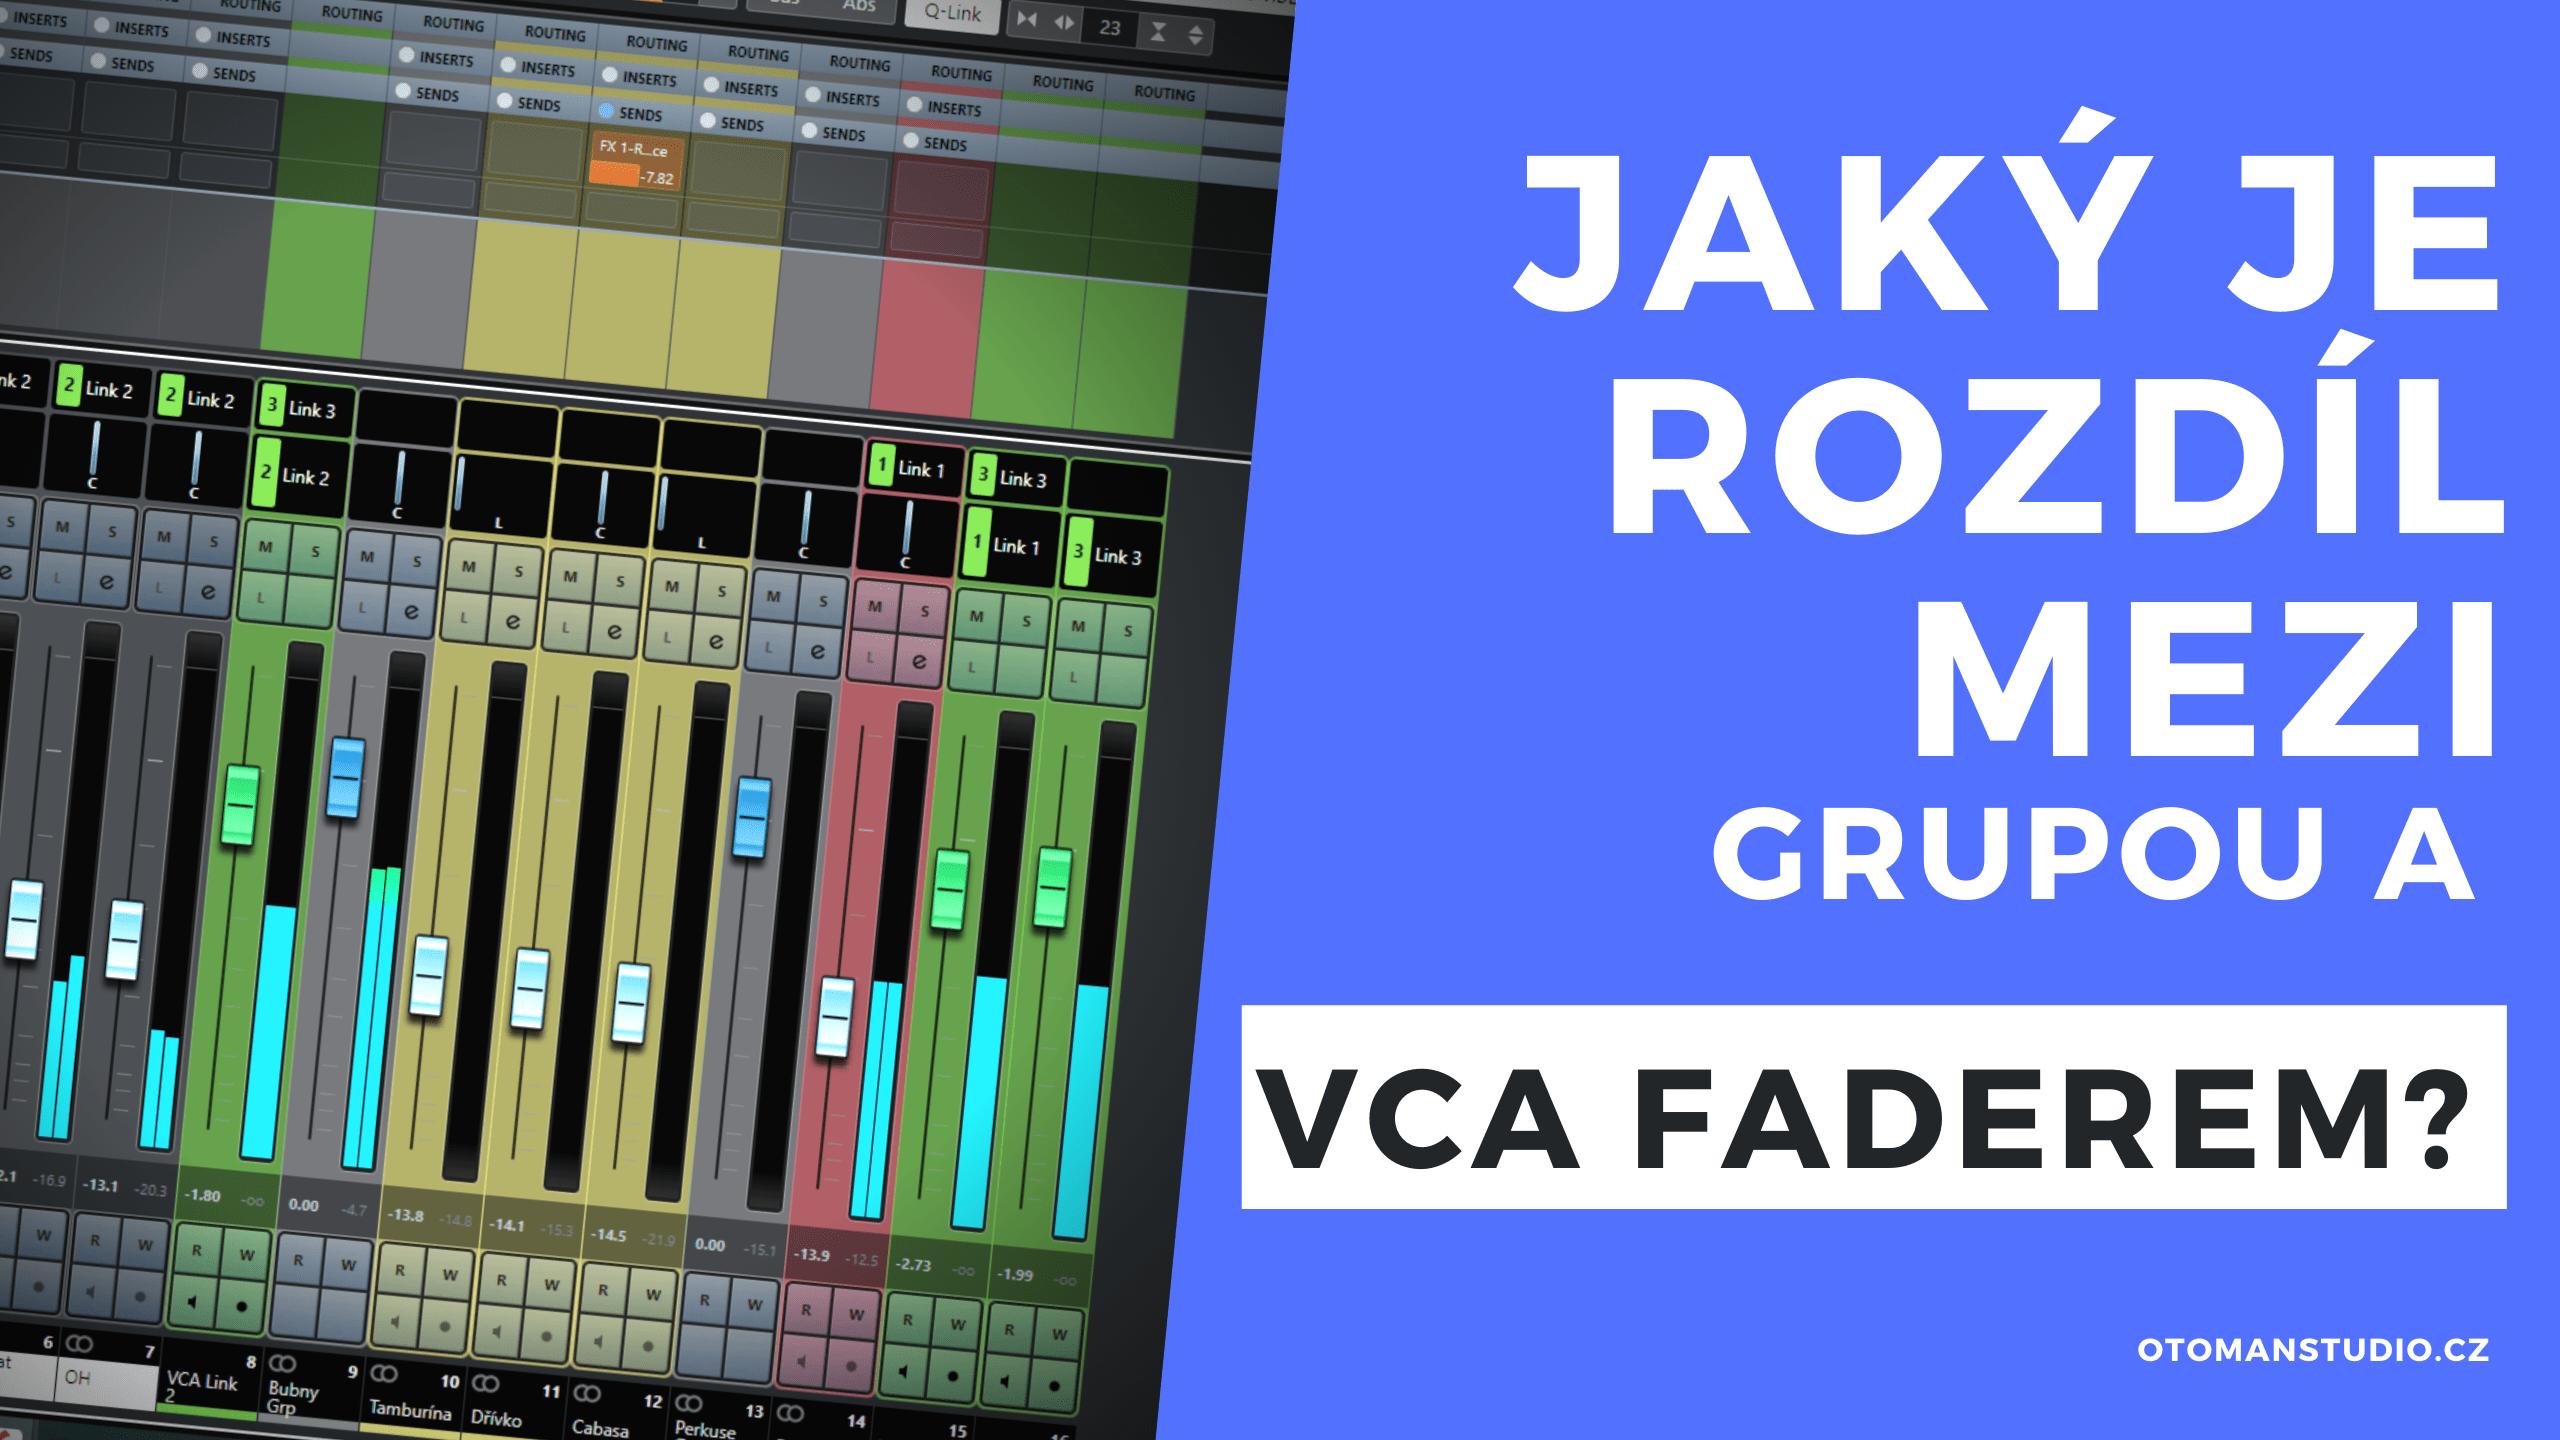 Jaký je rozdíl mezi Grupou a VCA Faderem?